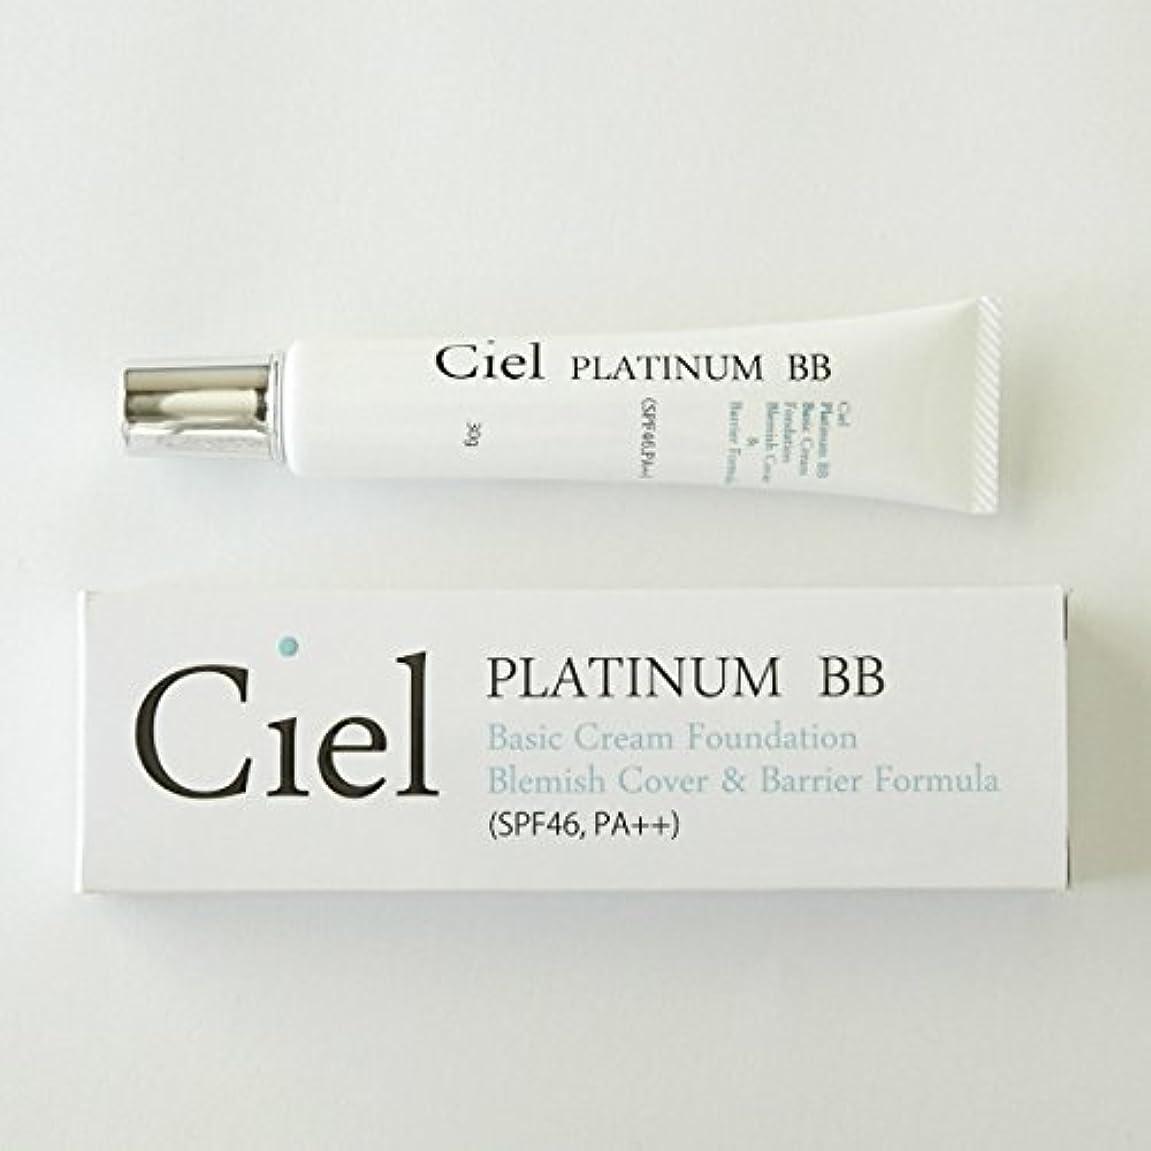 十分ではない飛躍財政Ciel Salon de Beaute Ciel PLATINUM BB SPF46 BBクリーム ファンデーション 日本製 日焼け止め